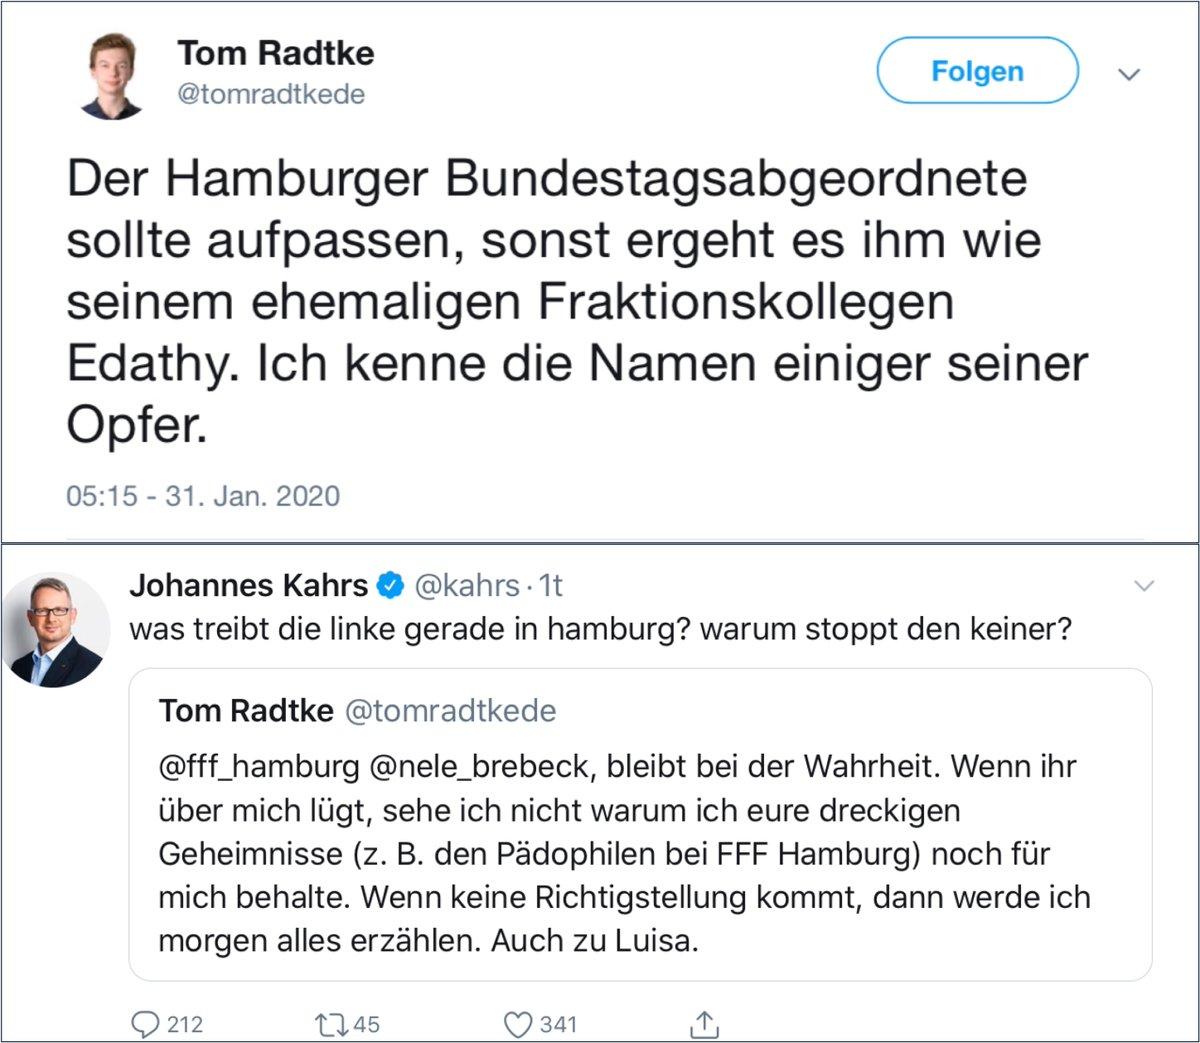 #RadtkeLeaks